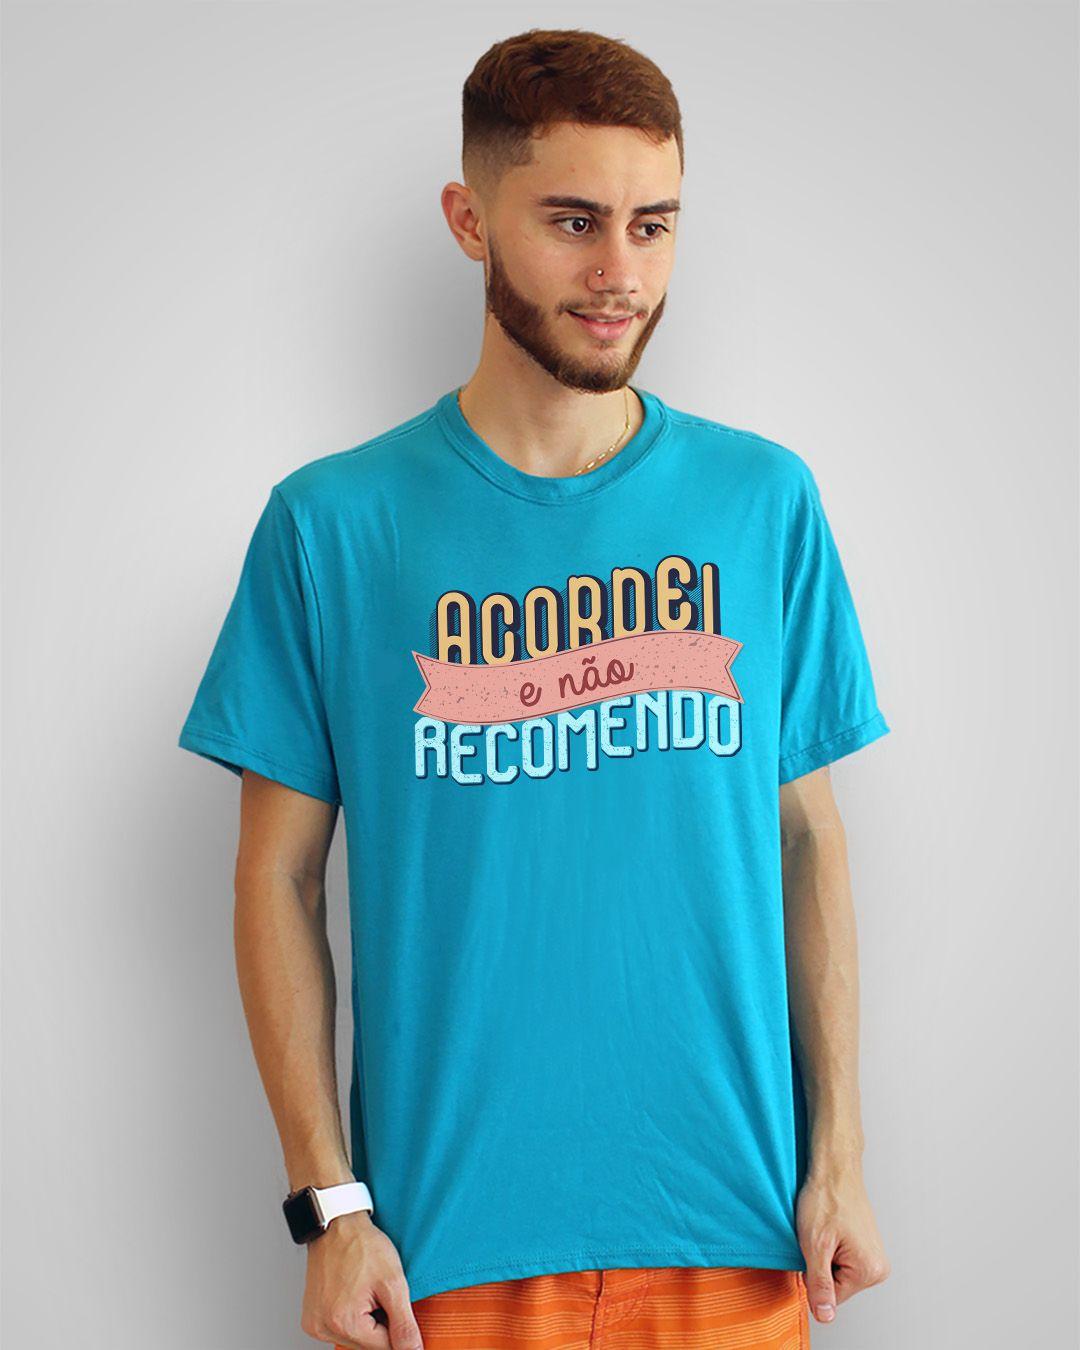 Camiseta Acordei e não recomendo